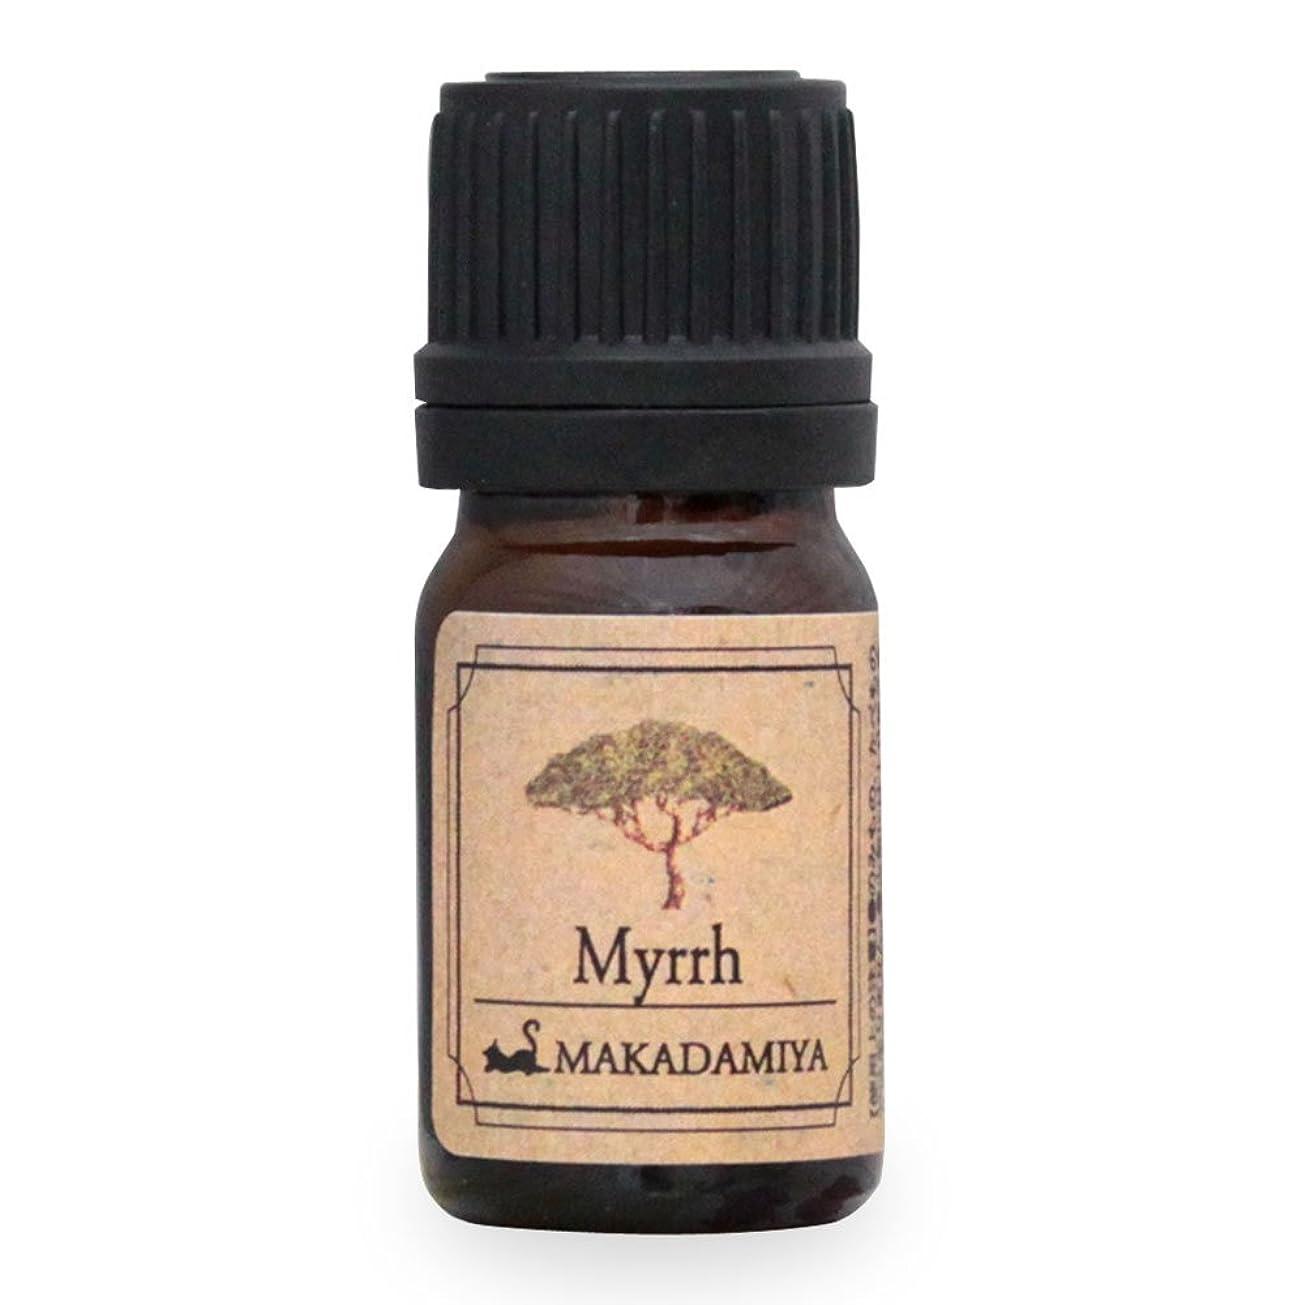 スキーム帰る任意ミルラ5ml 天然100%植物性 エッセンシャルオイル(精油) アロマオイル アロママッサージ aroma Myrrh